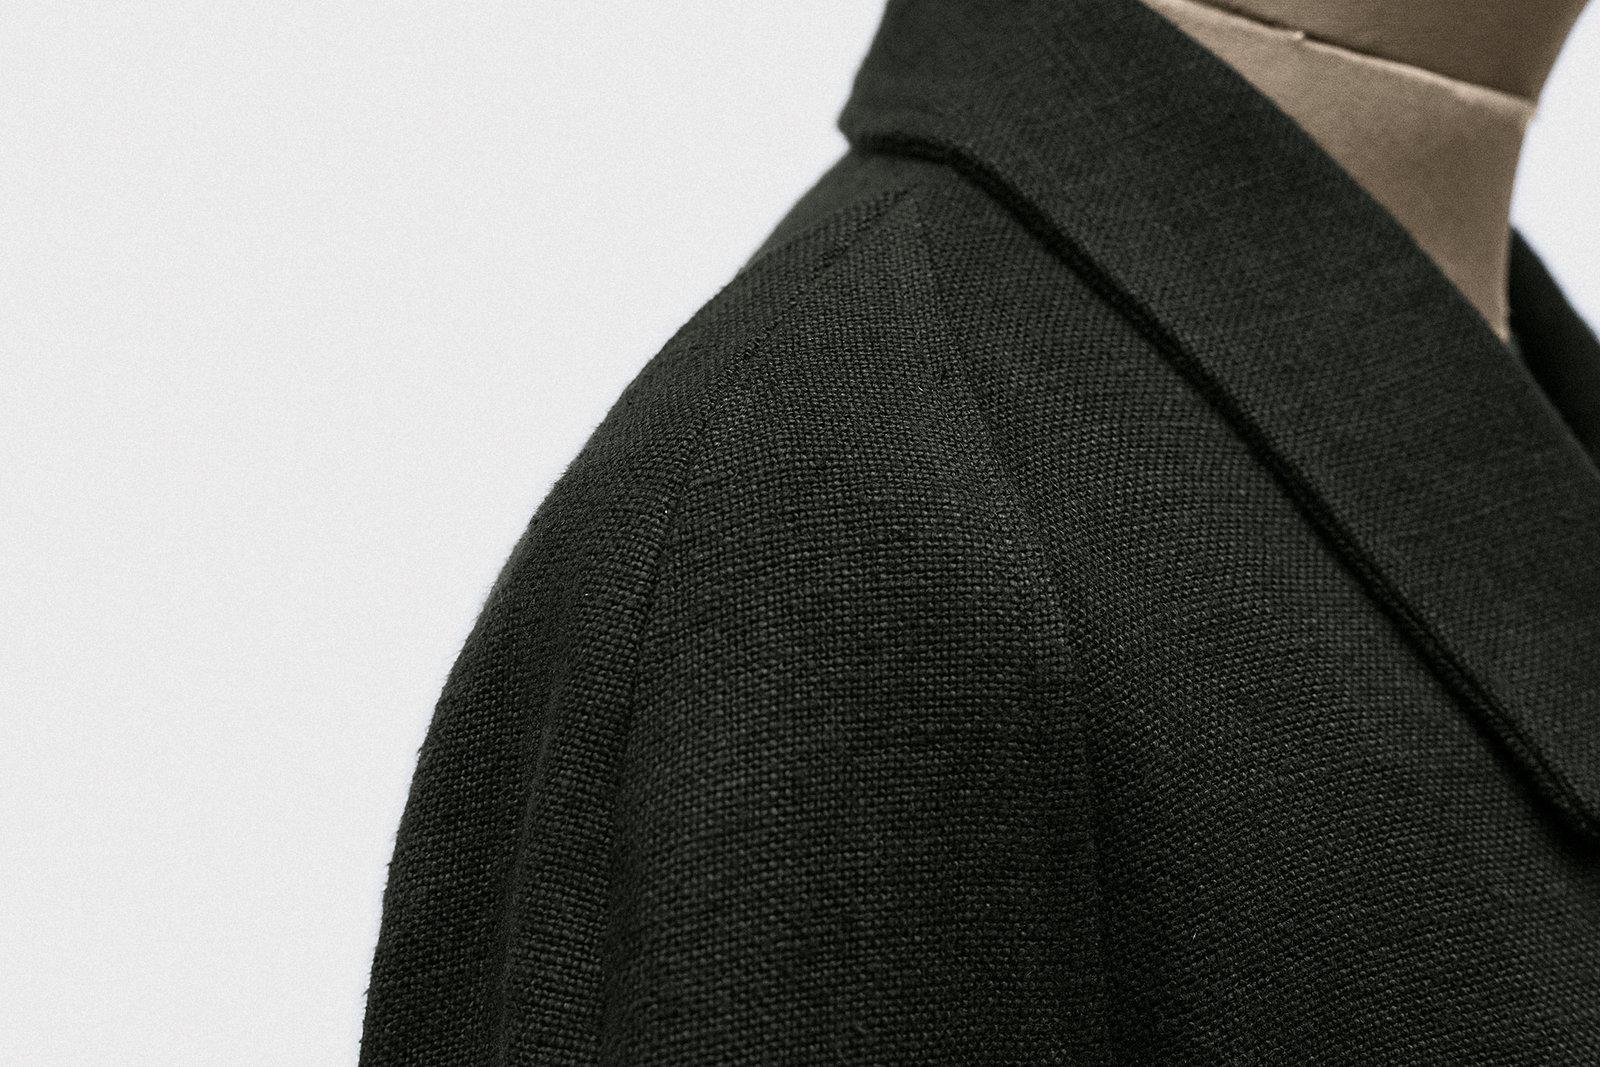 pyjama-top-linen-burlap-dark-olive-5@2x.jpg